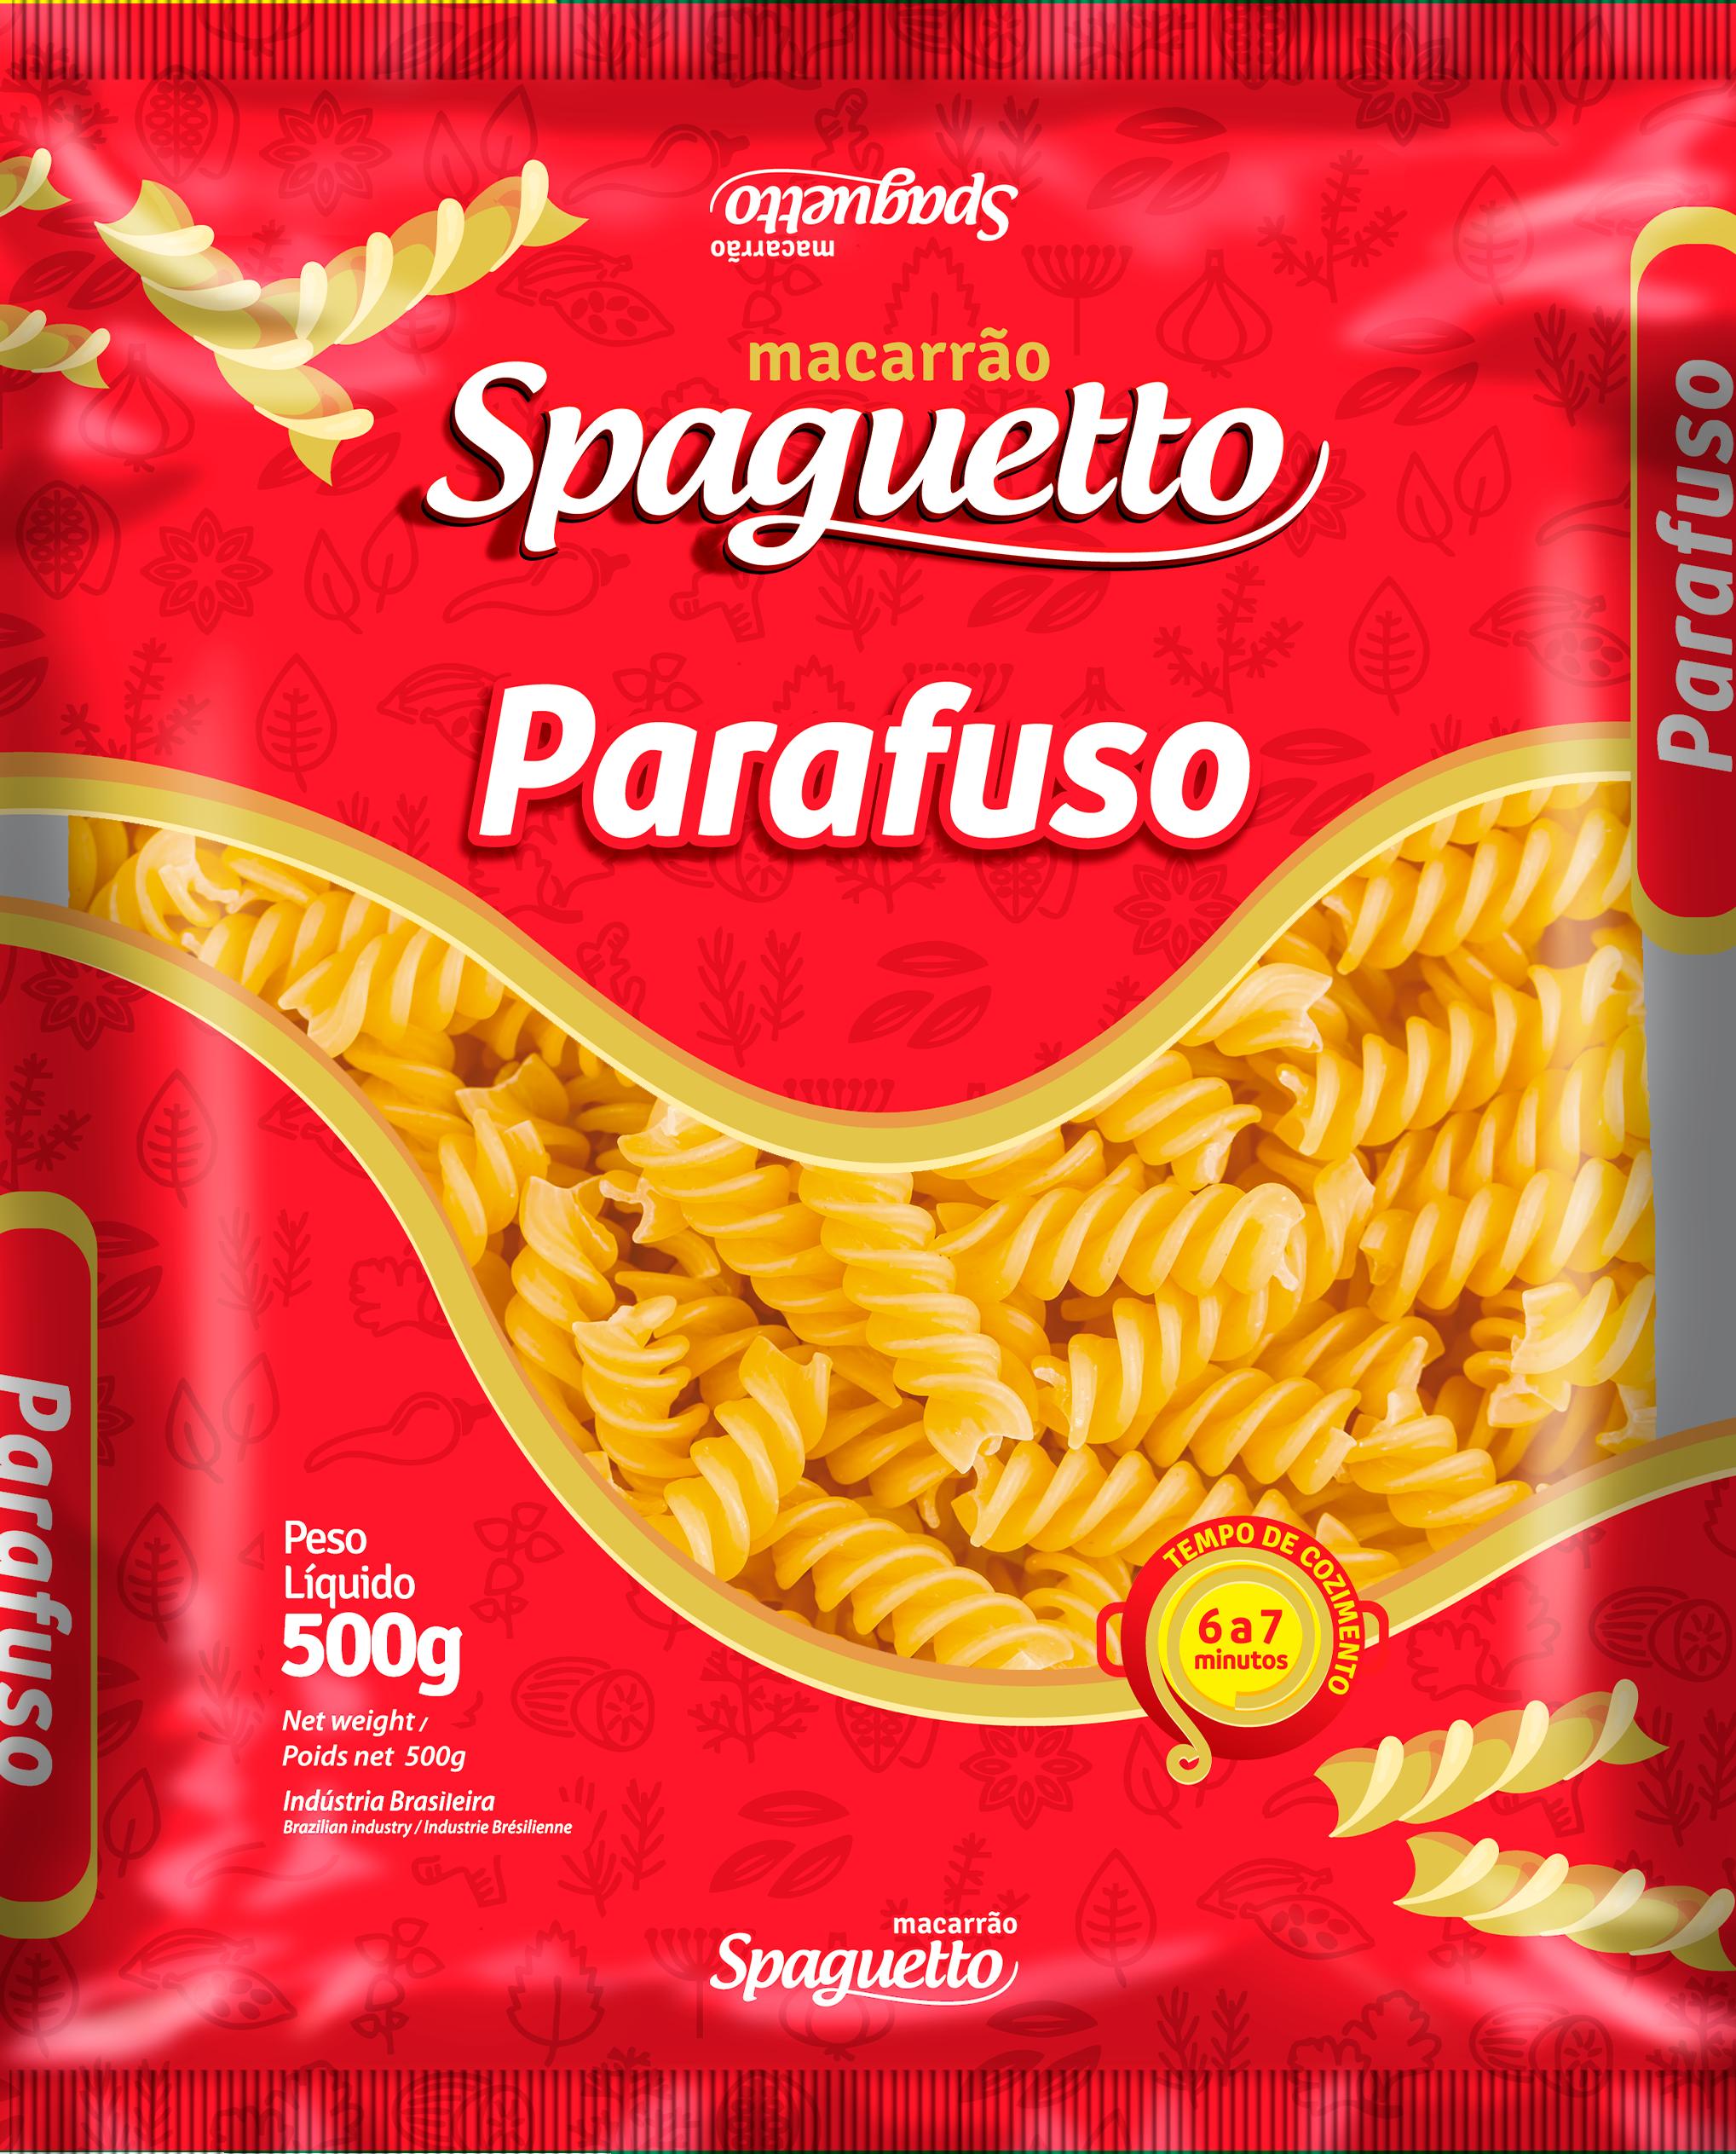 Macarrão Spaguetto Parafuso